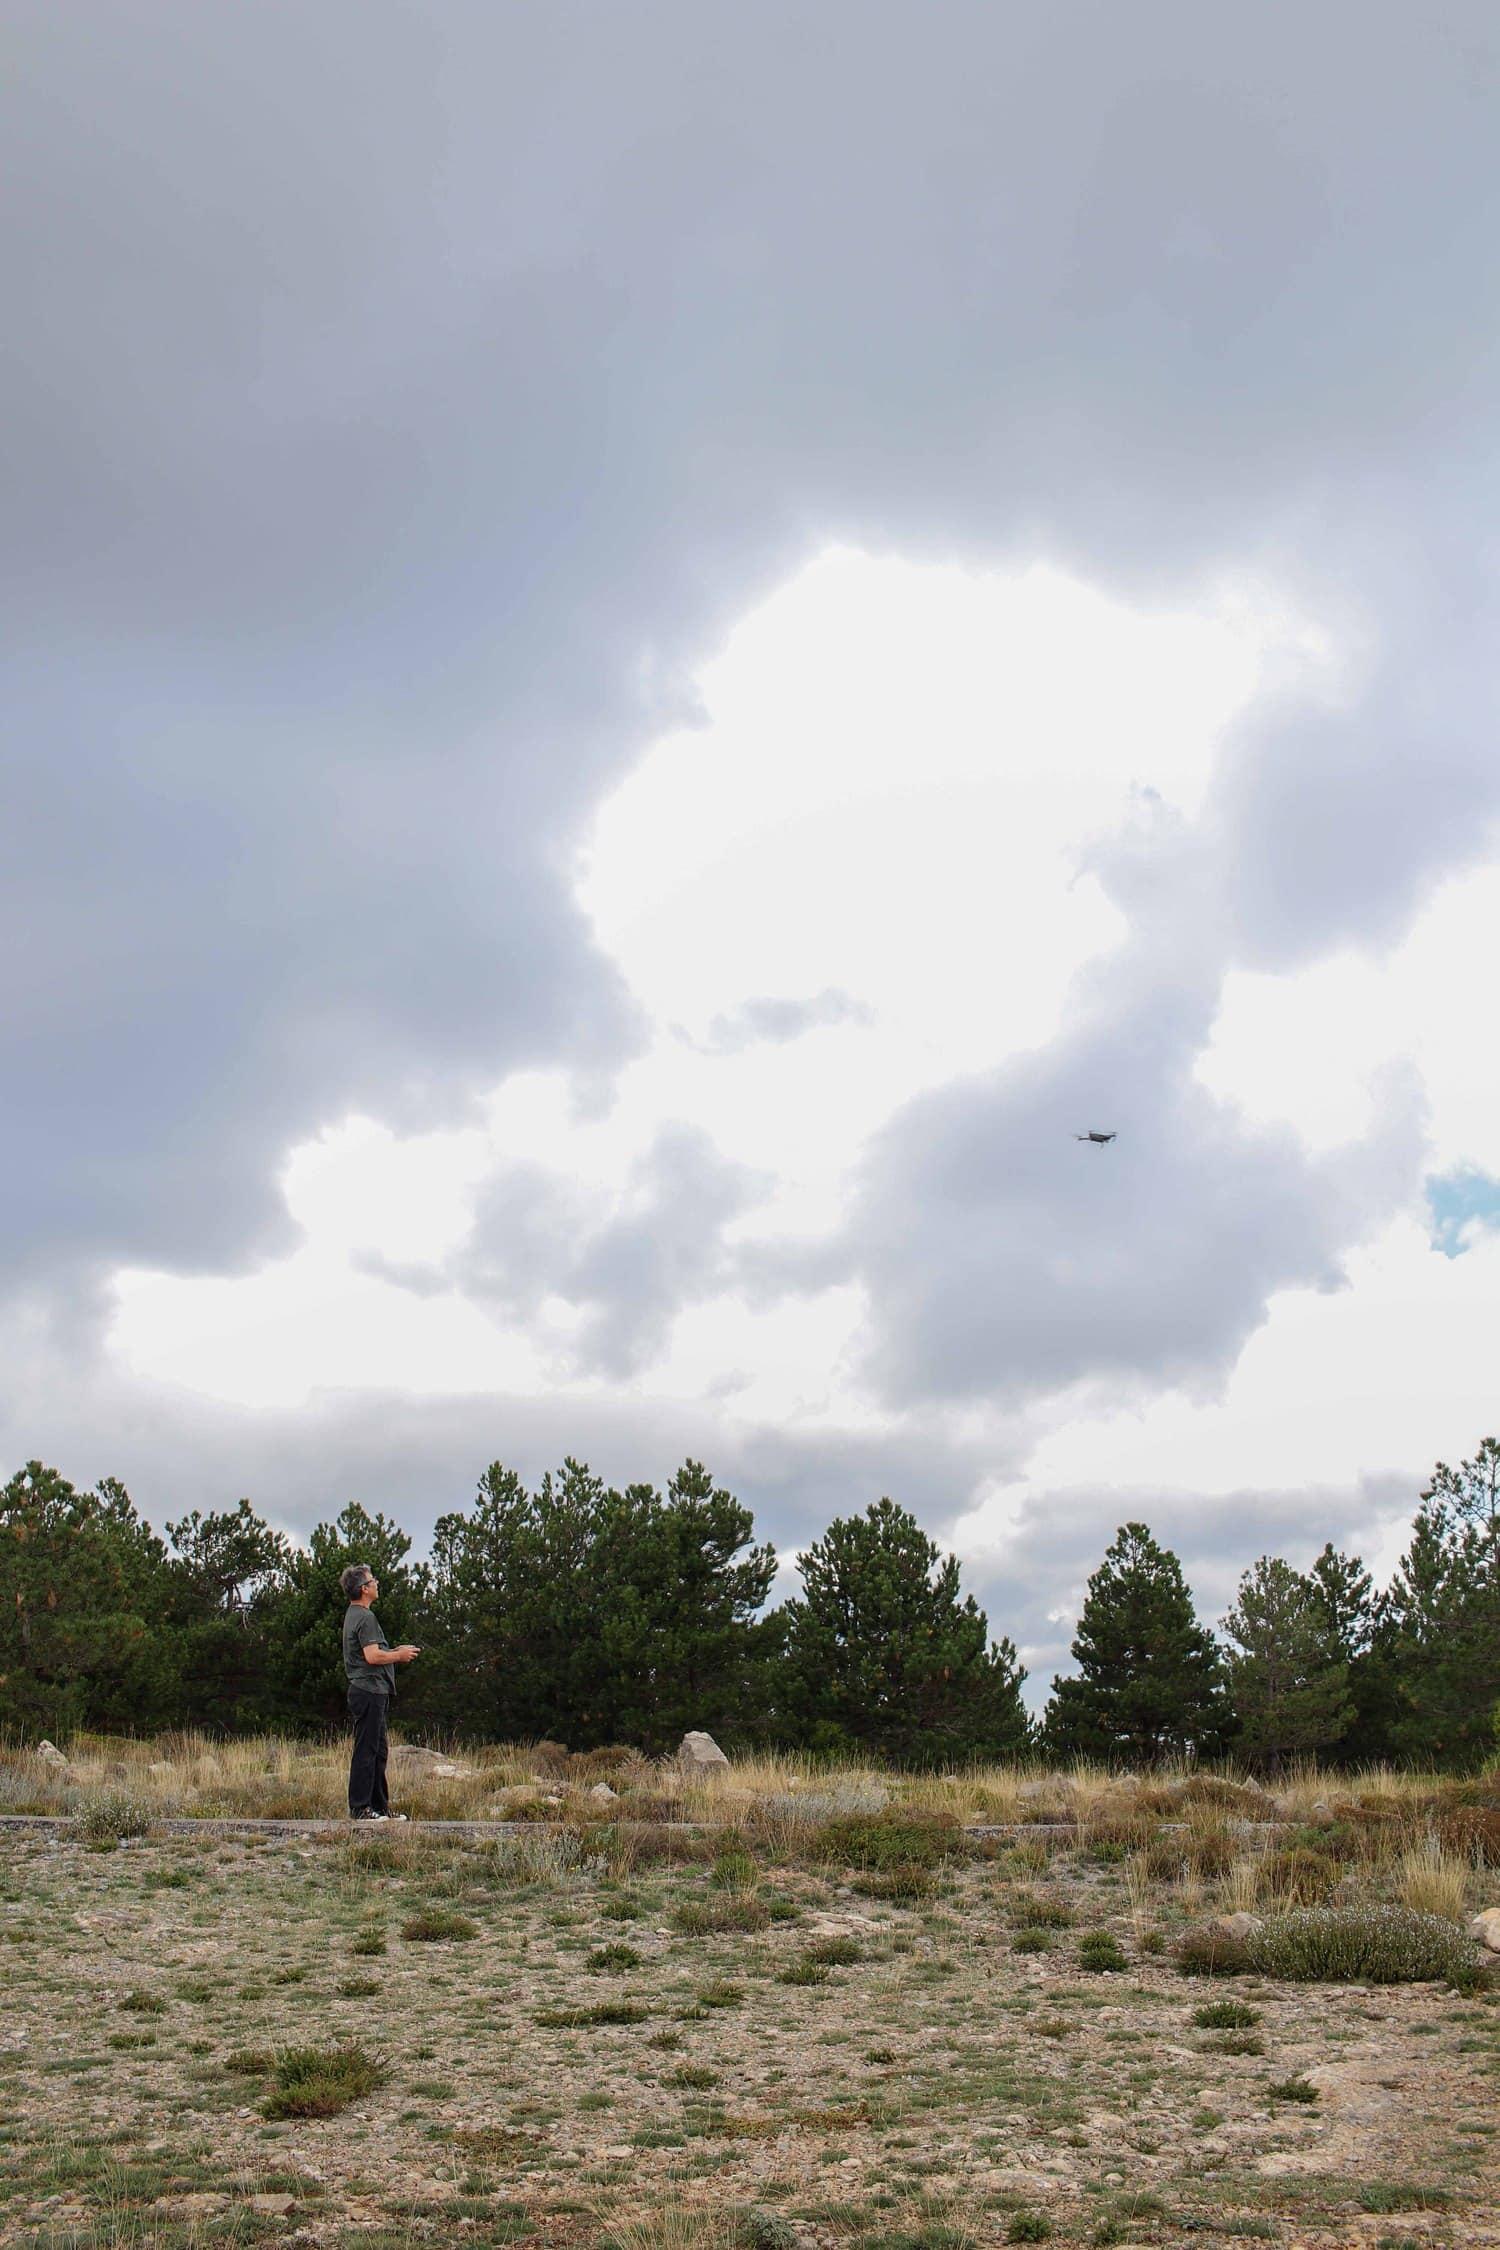 un adulto manejando un dron